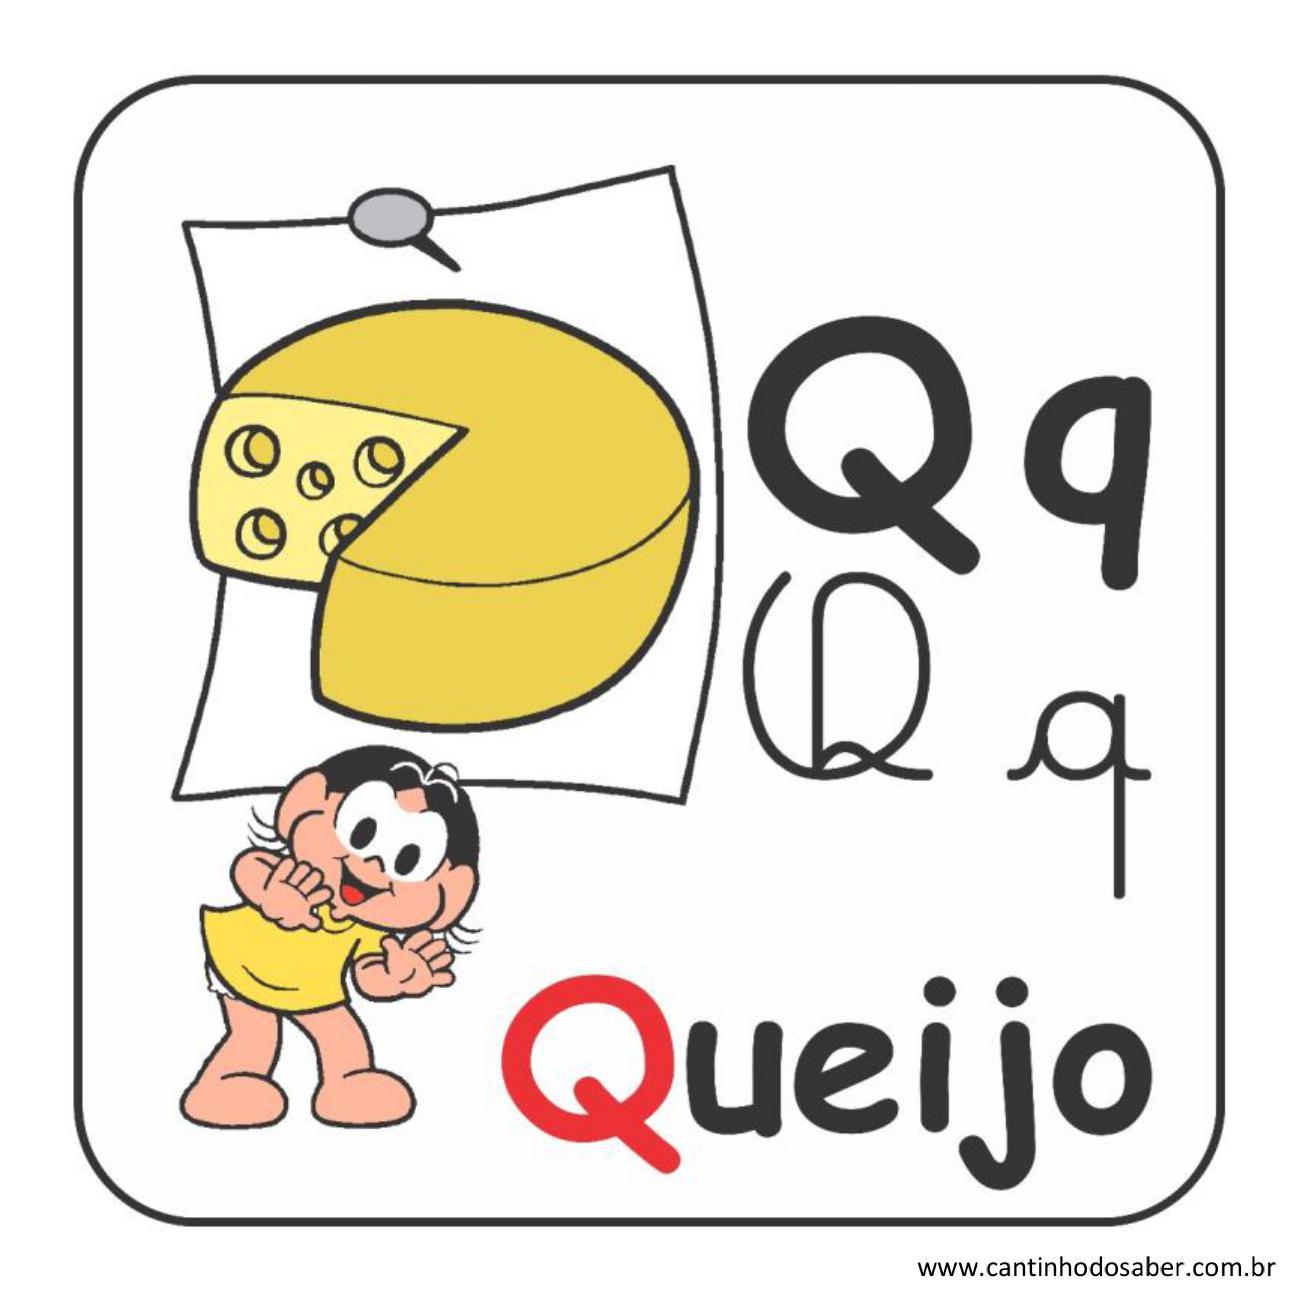 Alfabeto da turma da mônica em letra bastão e cursiva letra q